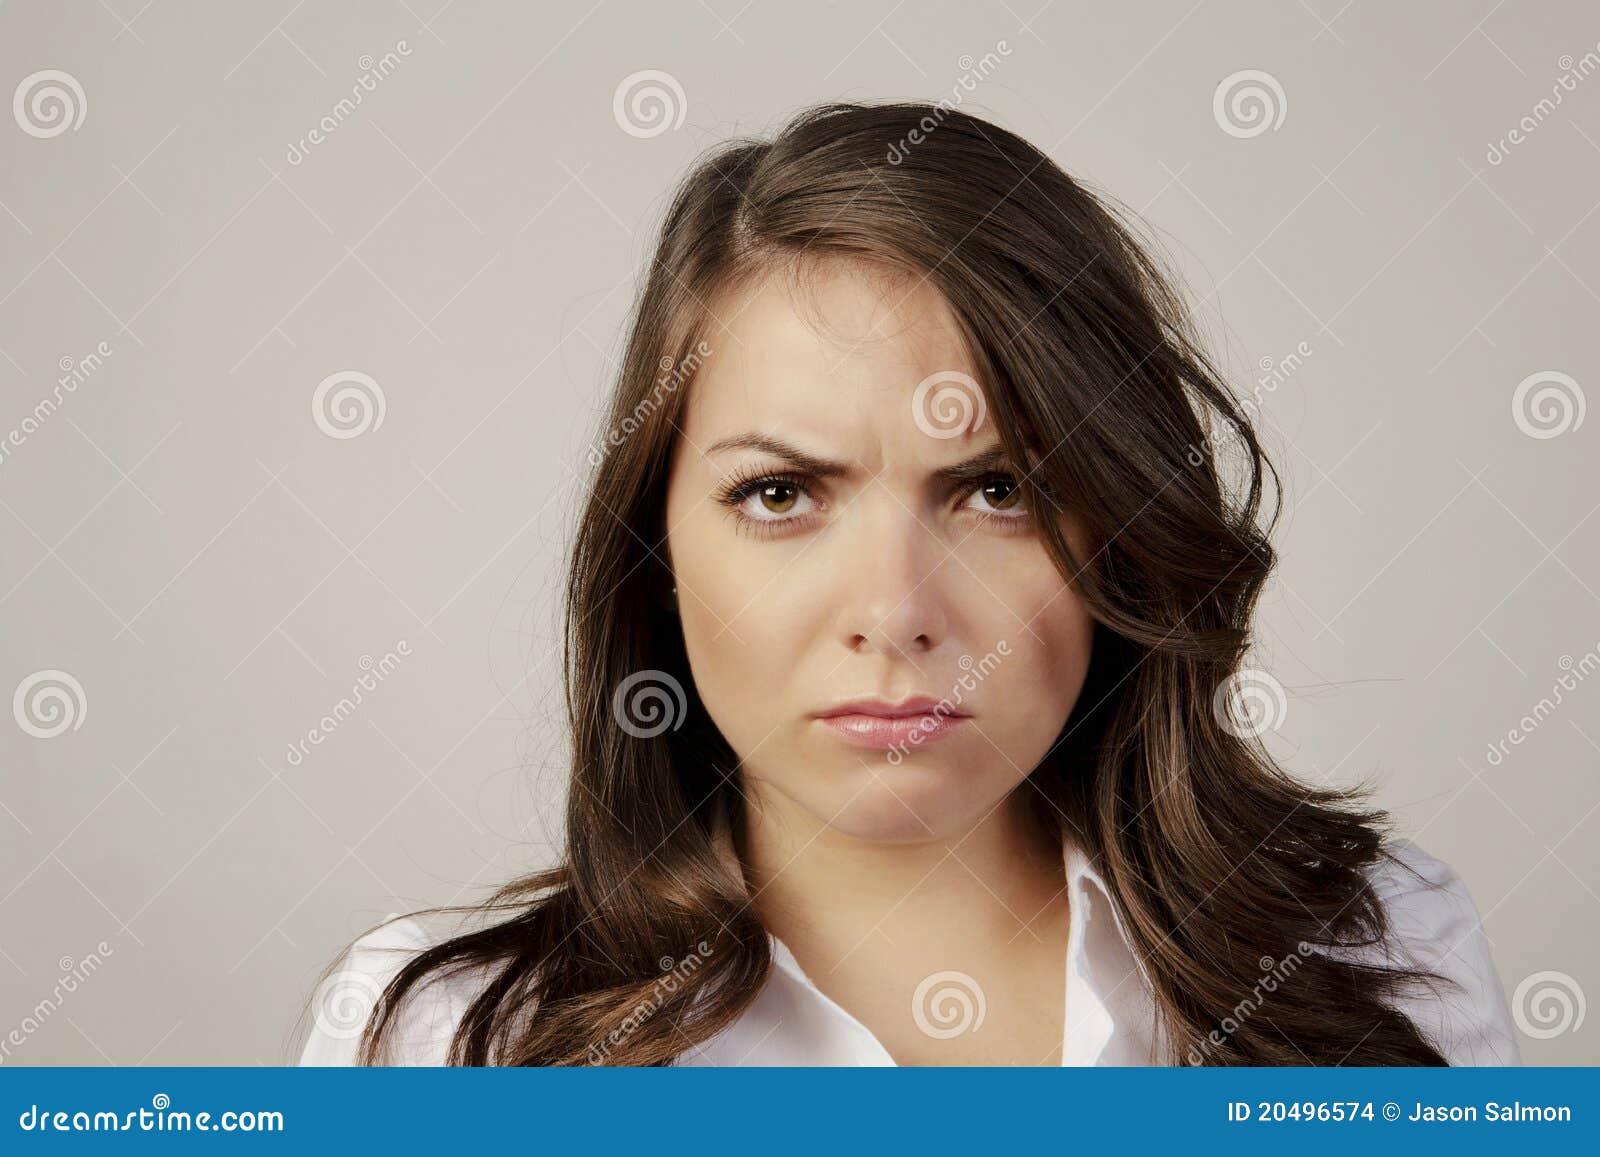 Unhappy Woman 95